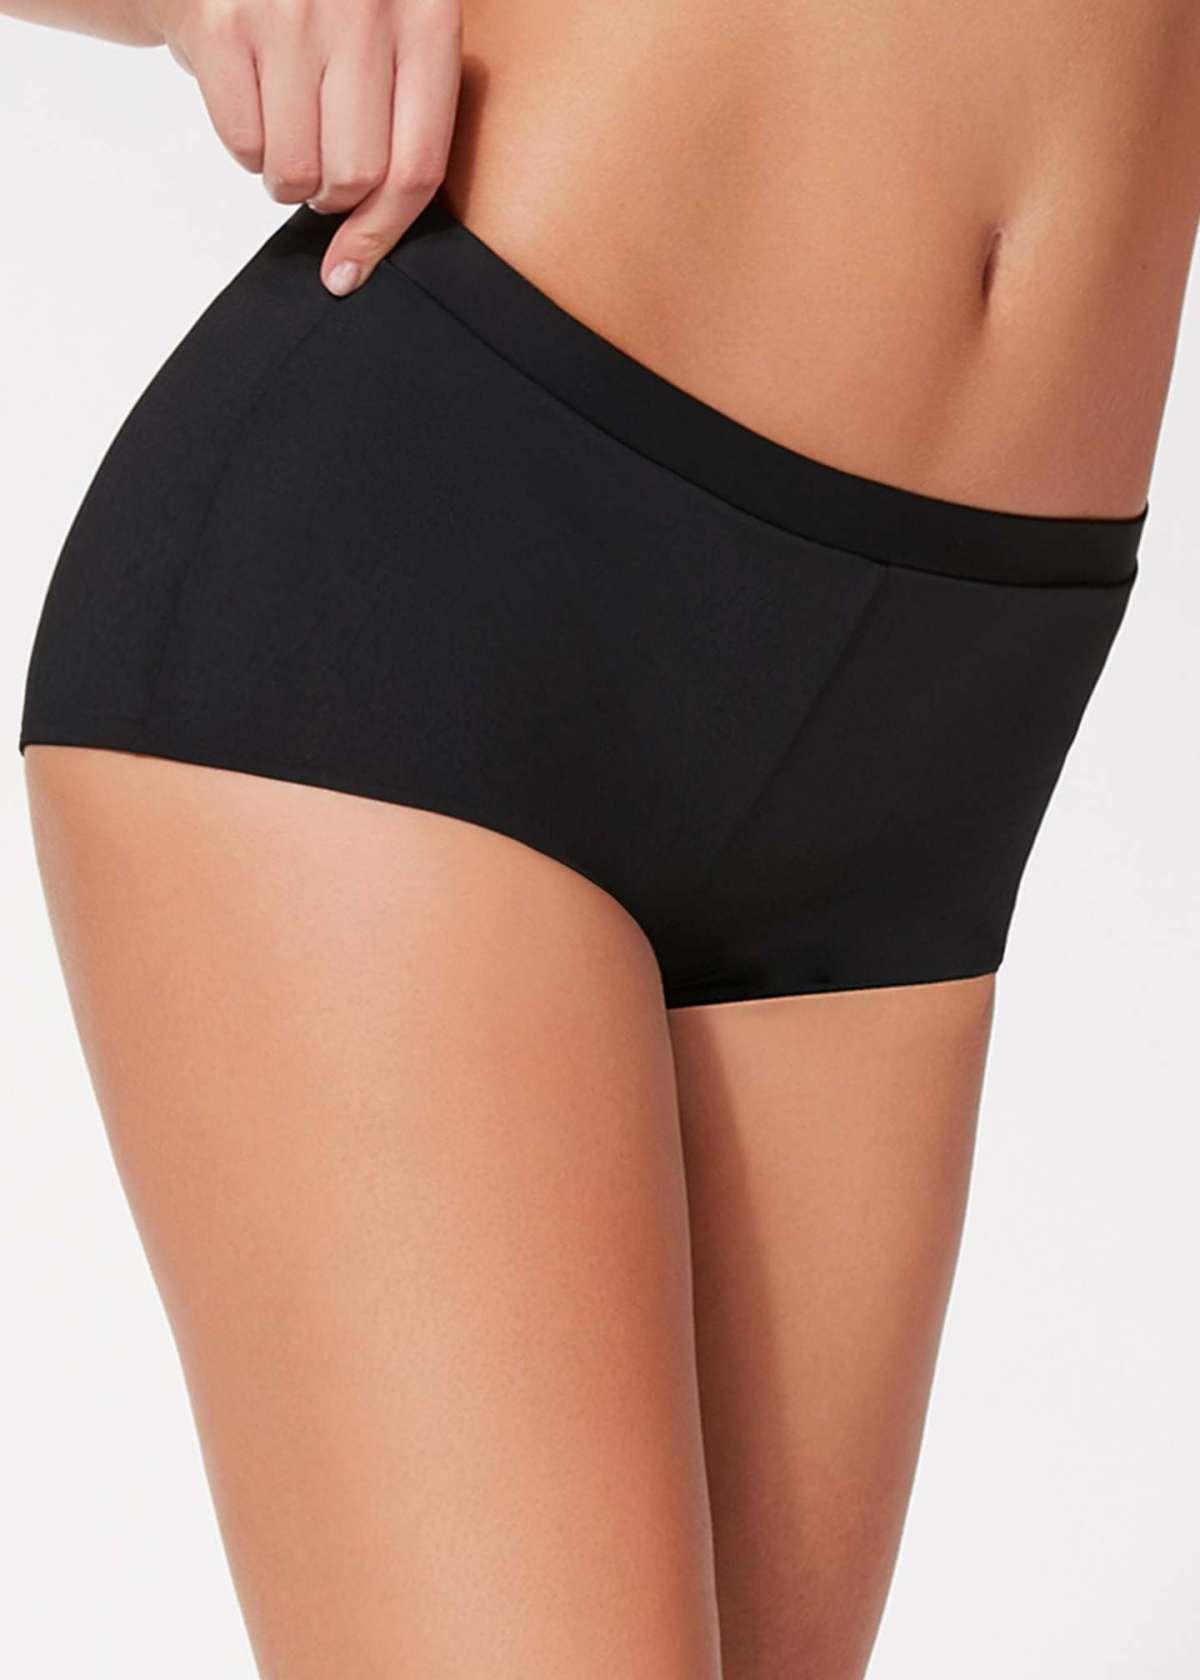 Pantaloncino nero per costume Calzedonia a 15 euro